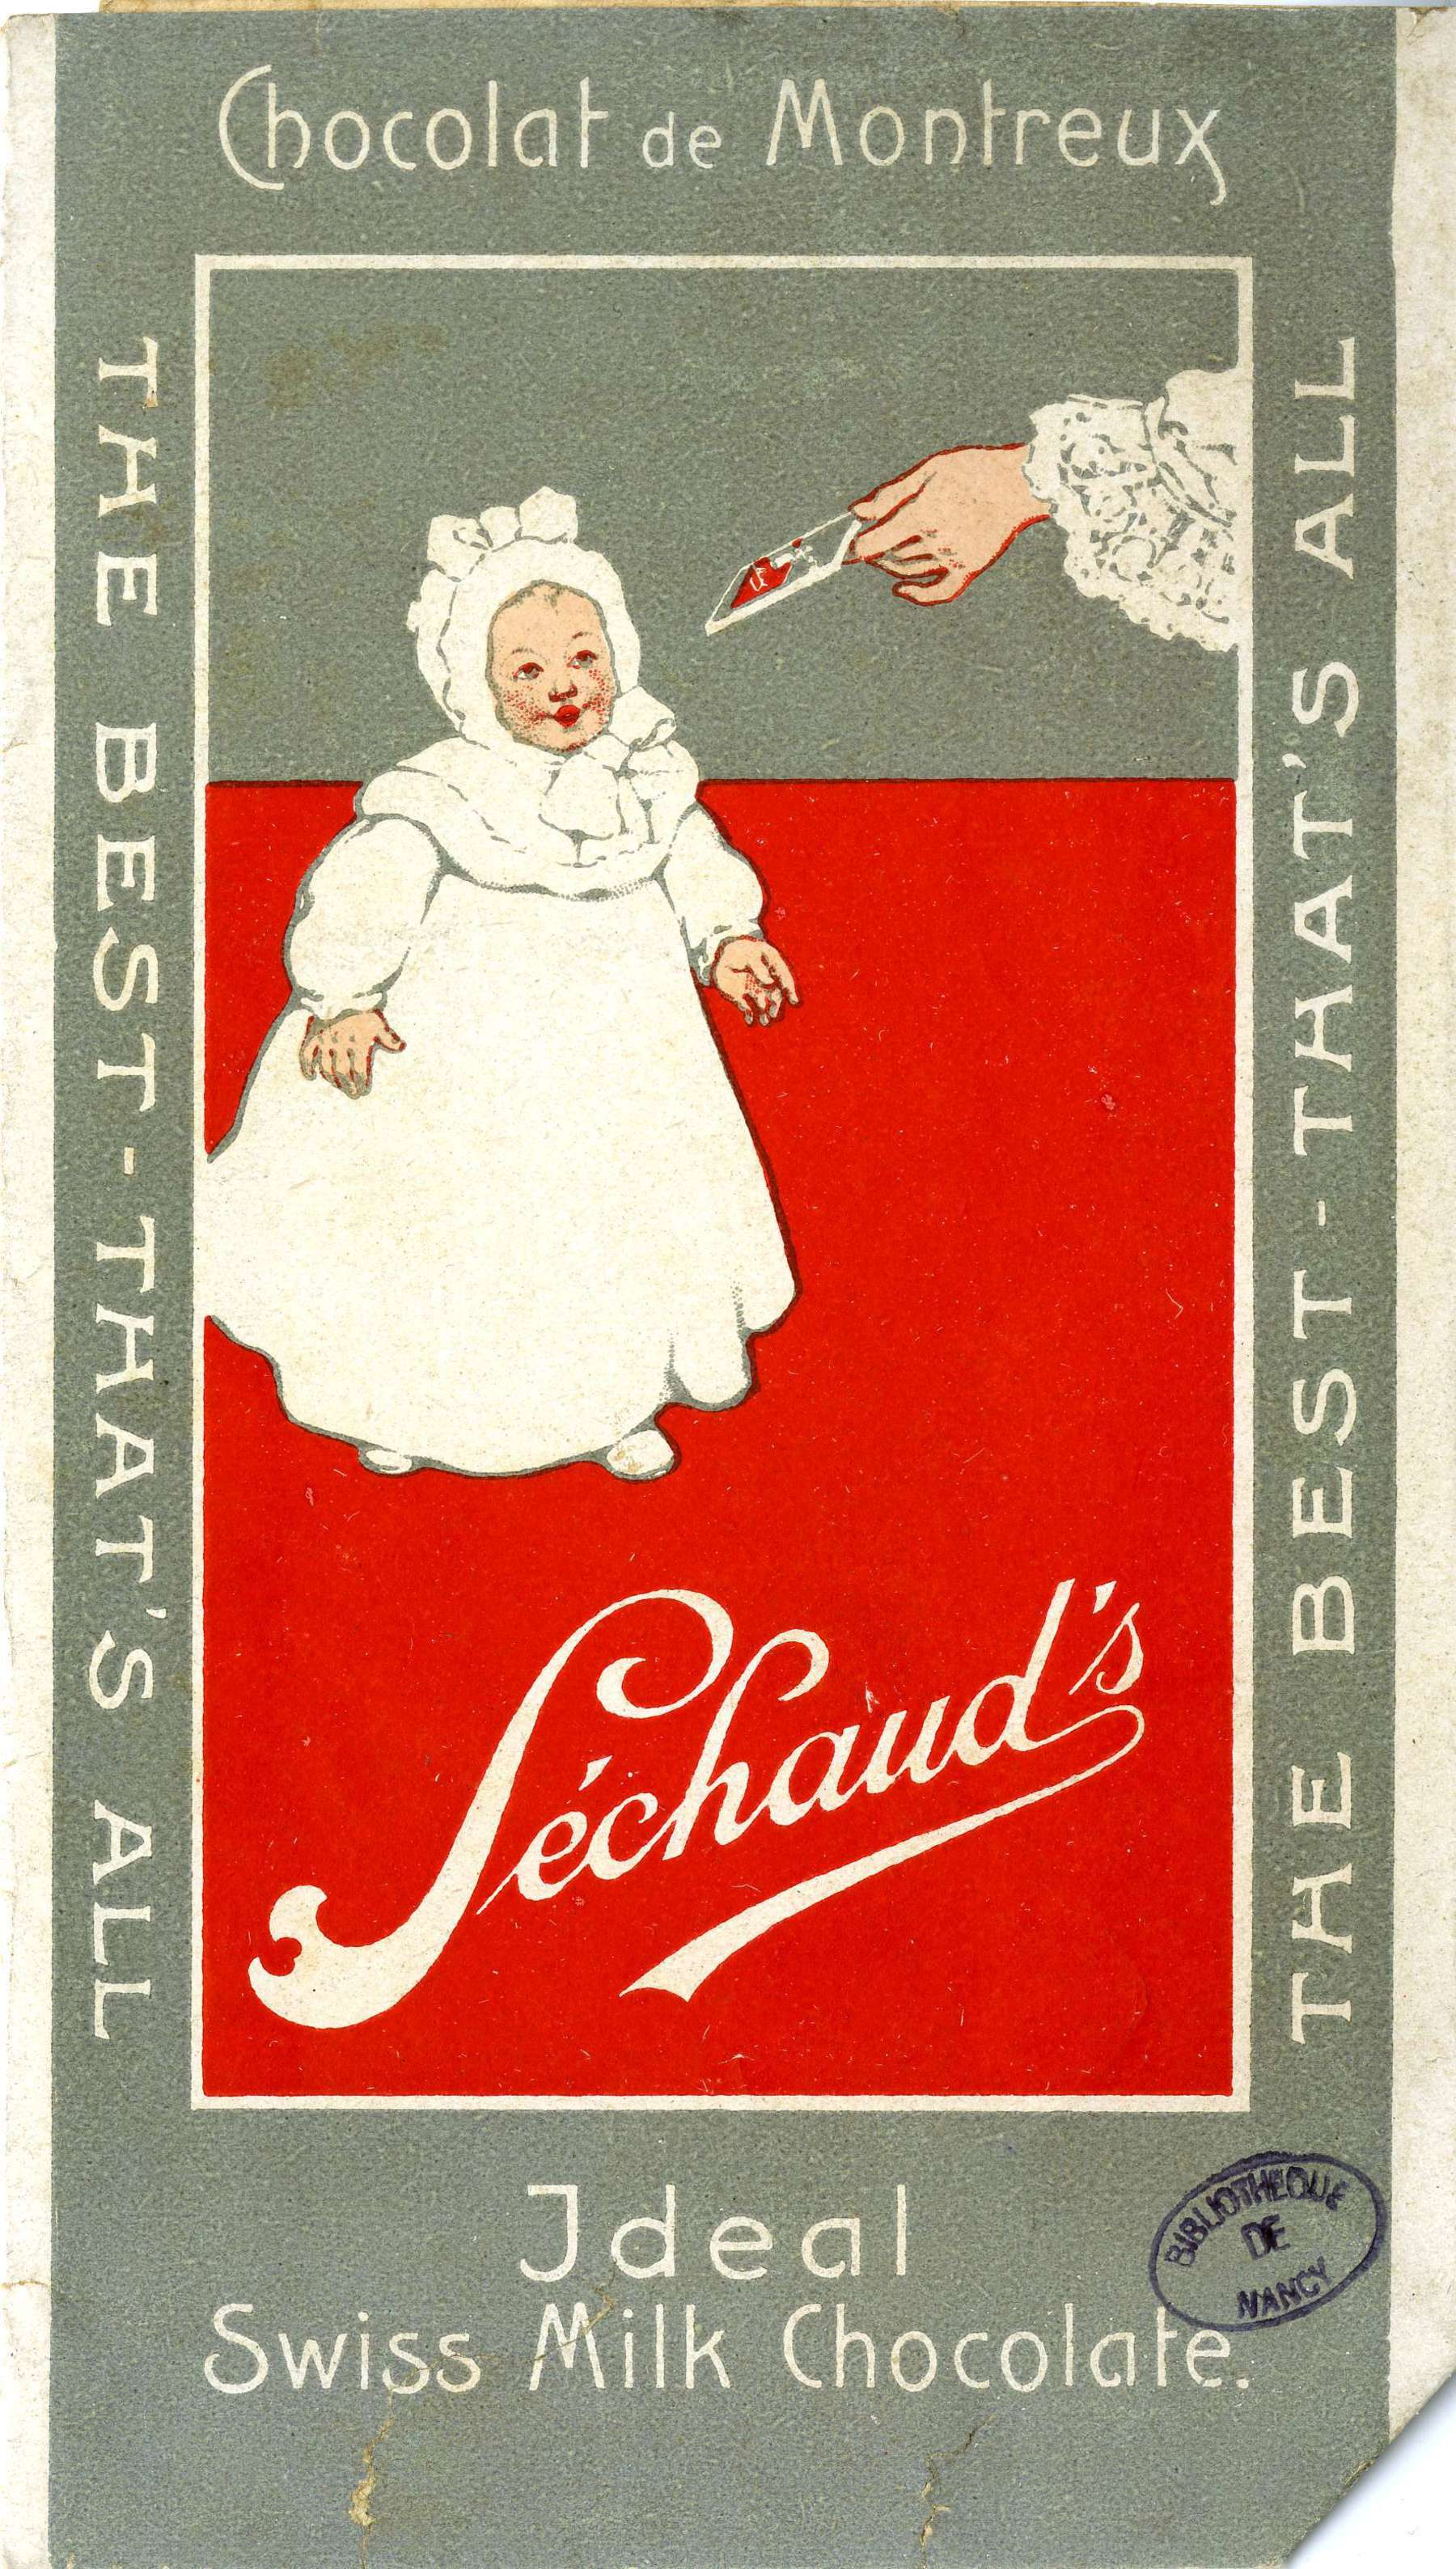 Contenu du Chocolat de Montreux